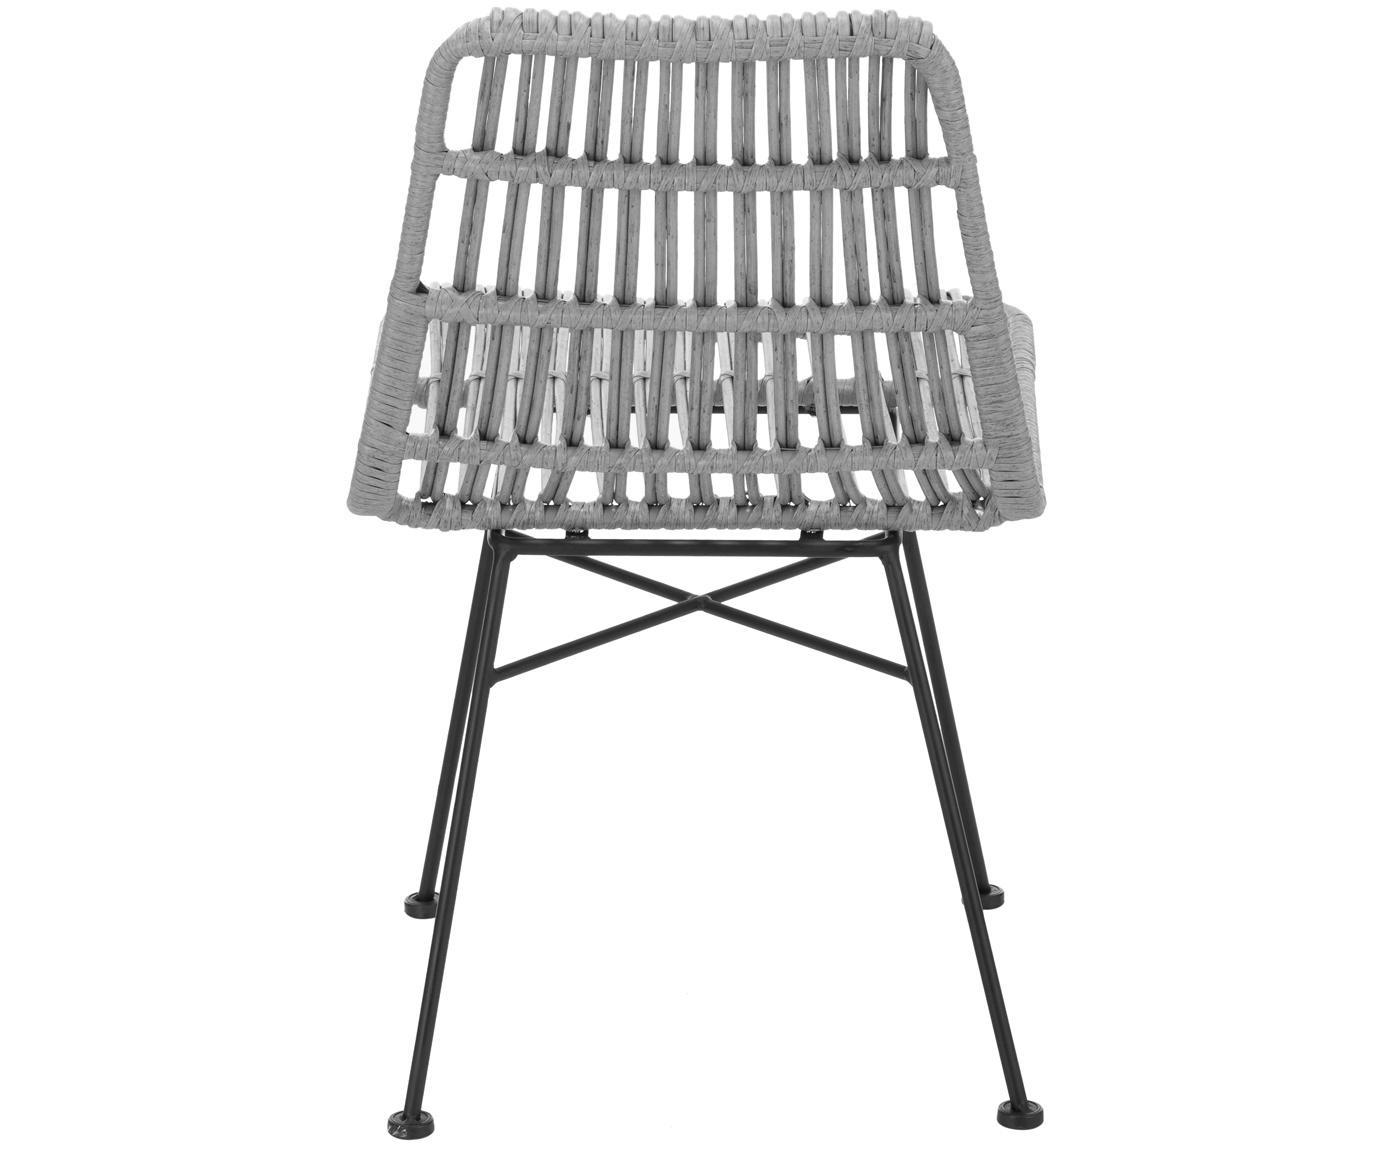 Polyrotan stoelen Costa, 2 stuks, Zitvlak: polyethyleen-vlechtwerk, Frame: gepoedercoat metaal, Zitvlak: grijs, gevlekt. Frame: mat zwart, B 47  x D 62 cm